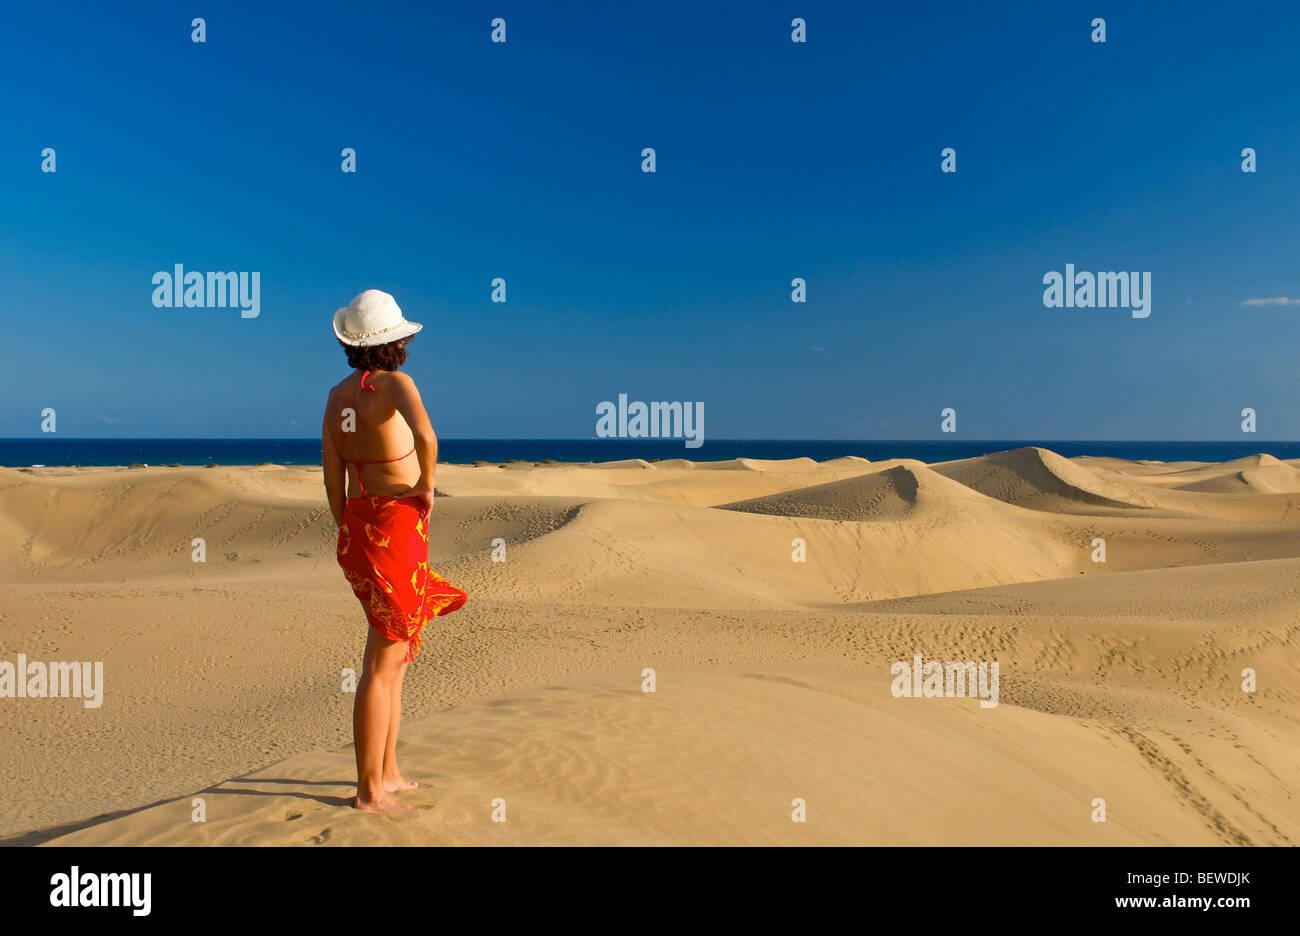 Mujer de pie sobre una duna de arena mirando el mar, Maspalomas, Gran Canaria, España, vista trasera Imagen De Stock